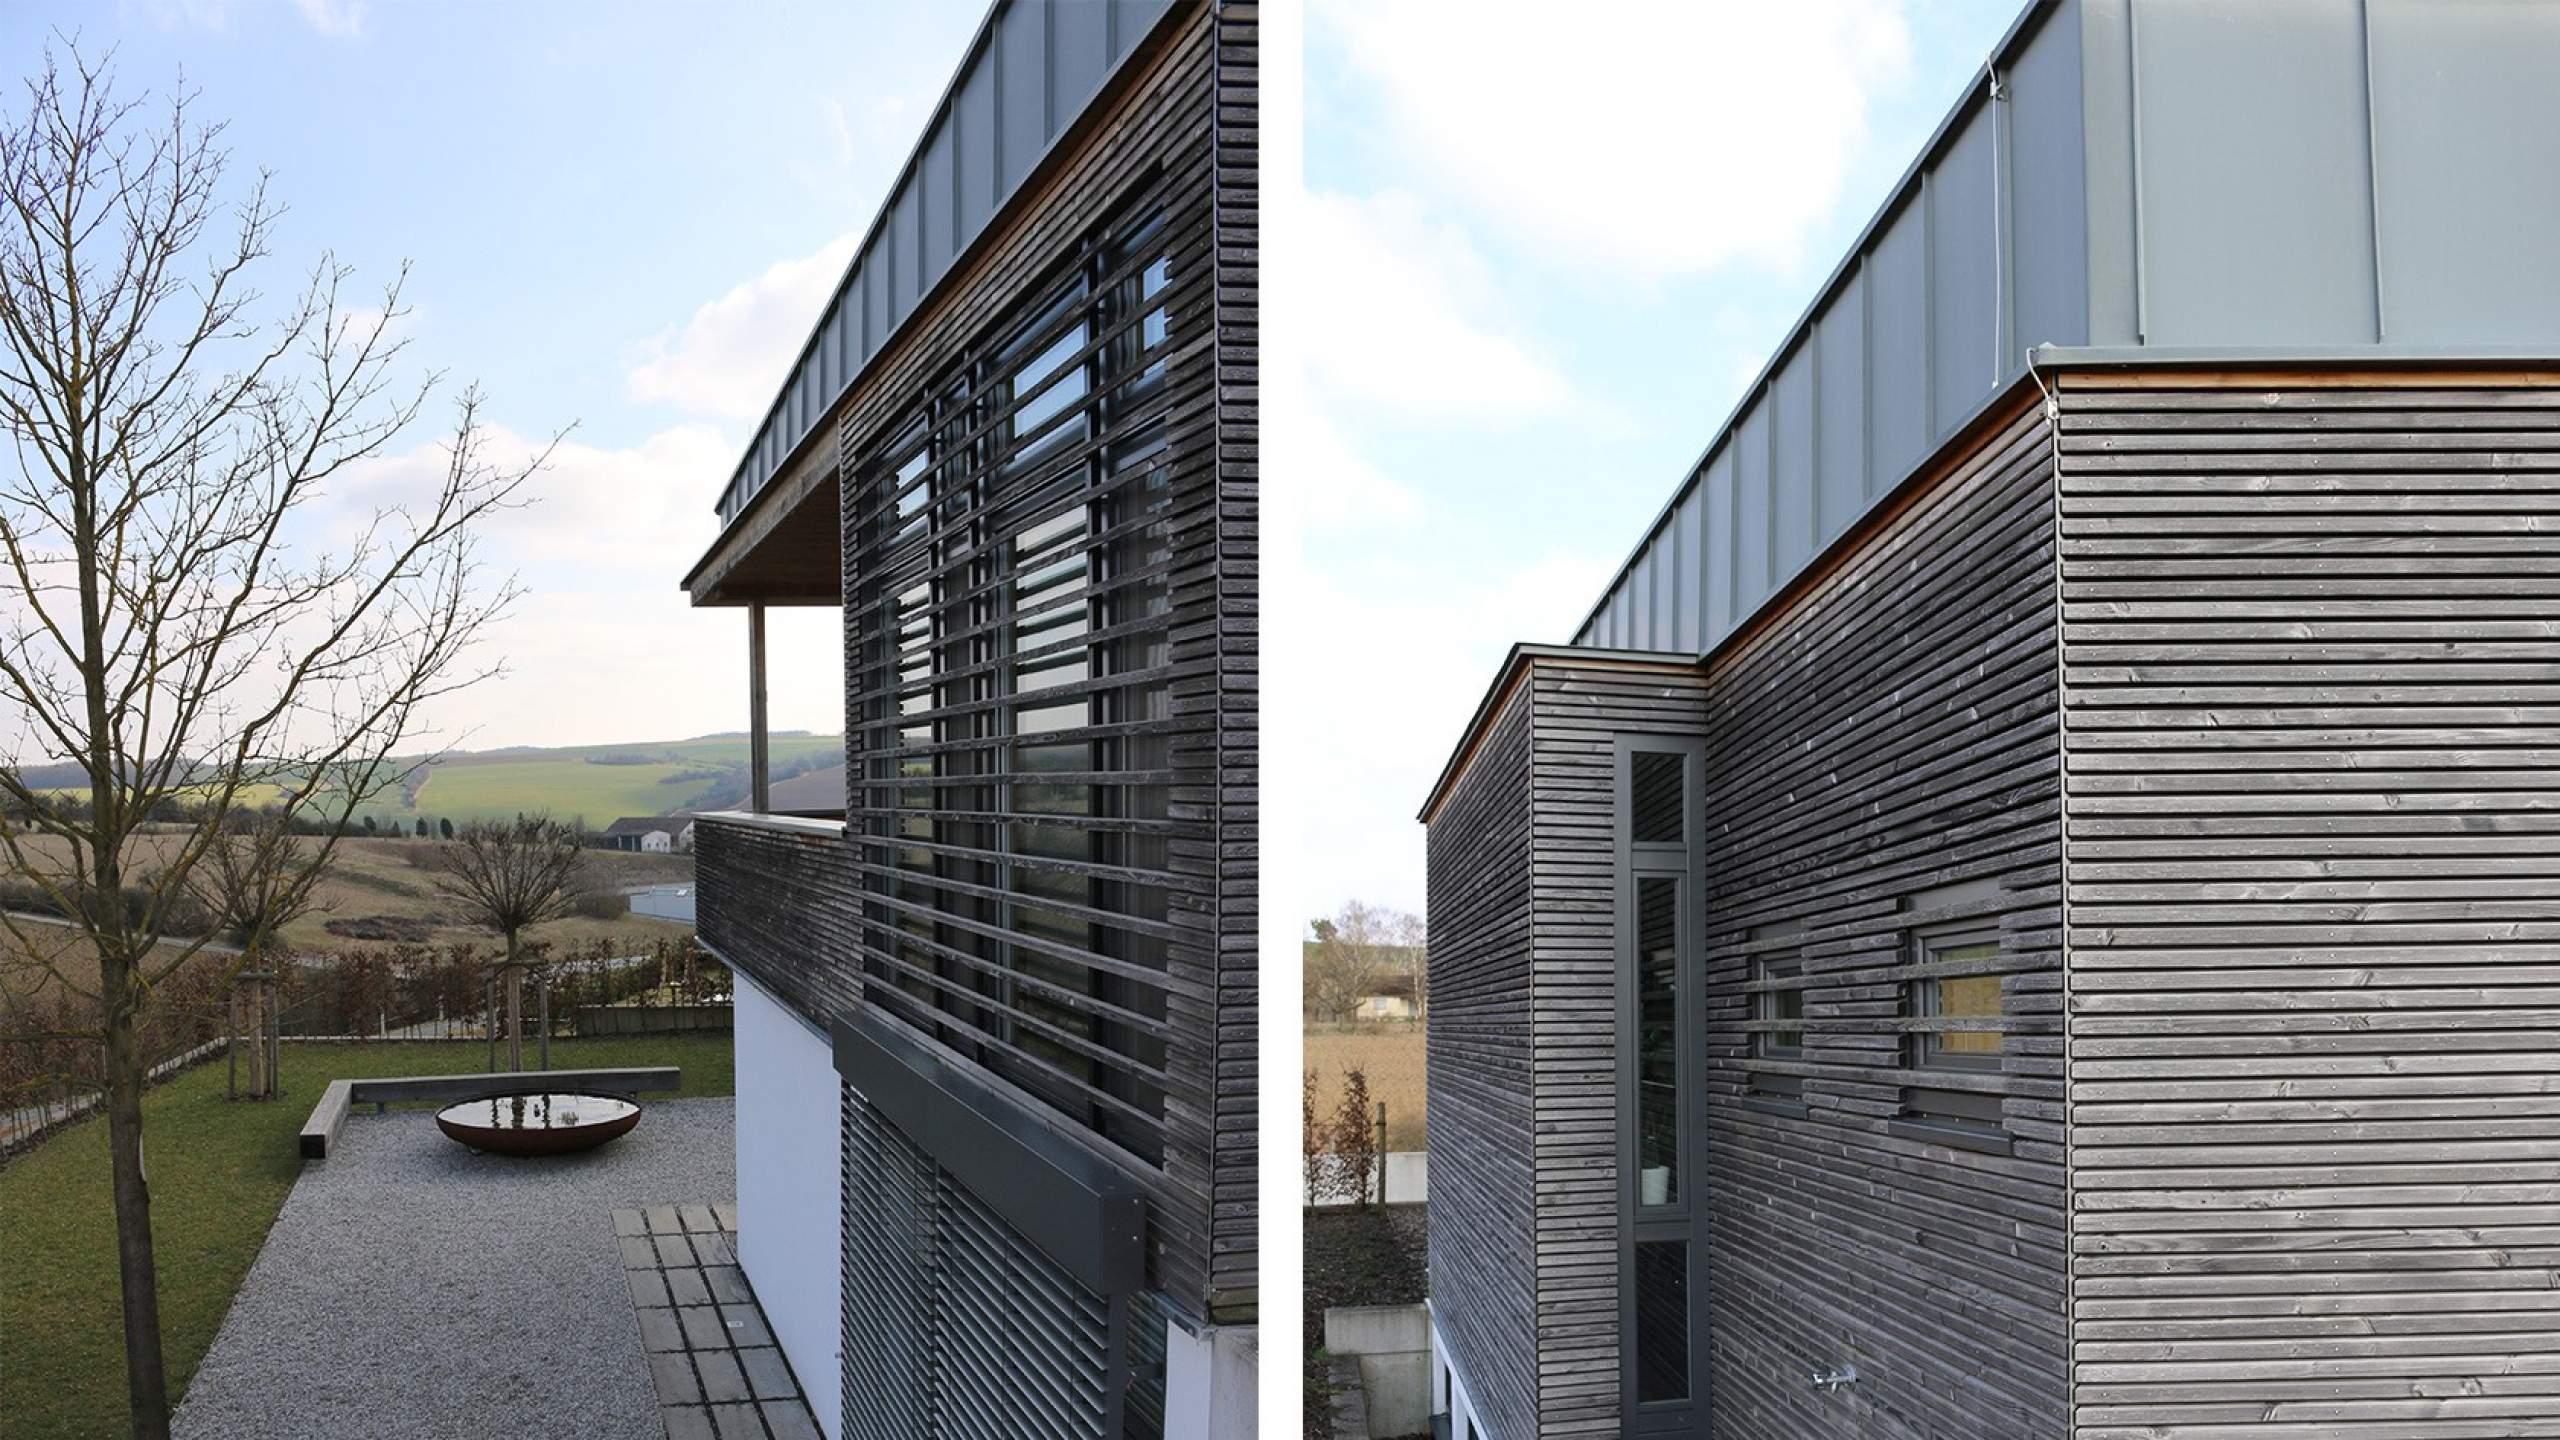 Einfamilienwohnhaus mit Holzleisten-Fassade Aussicht und Details